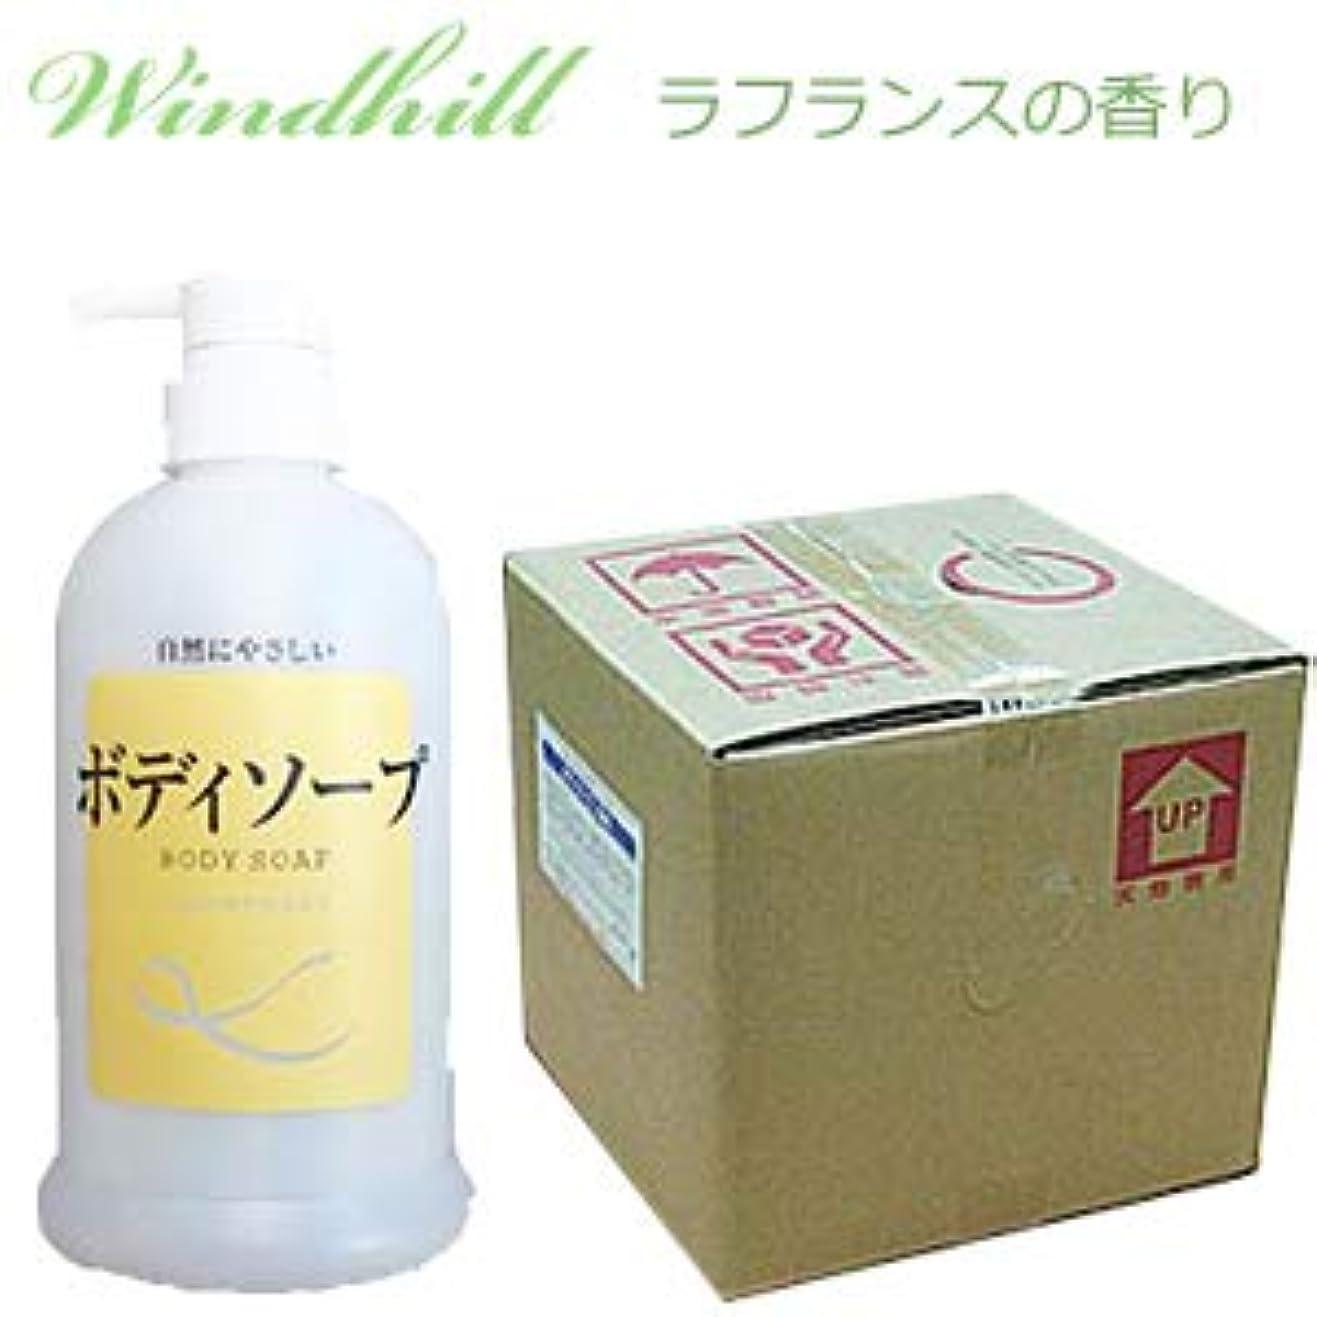 発症クリア北なんと! 500ml当り173円 Windhill 植物性 業務用 ボディソープ  爽やかなラフランスの香り 20L